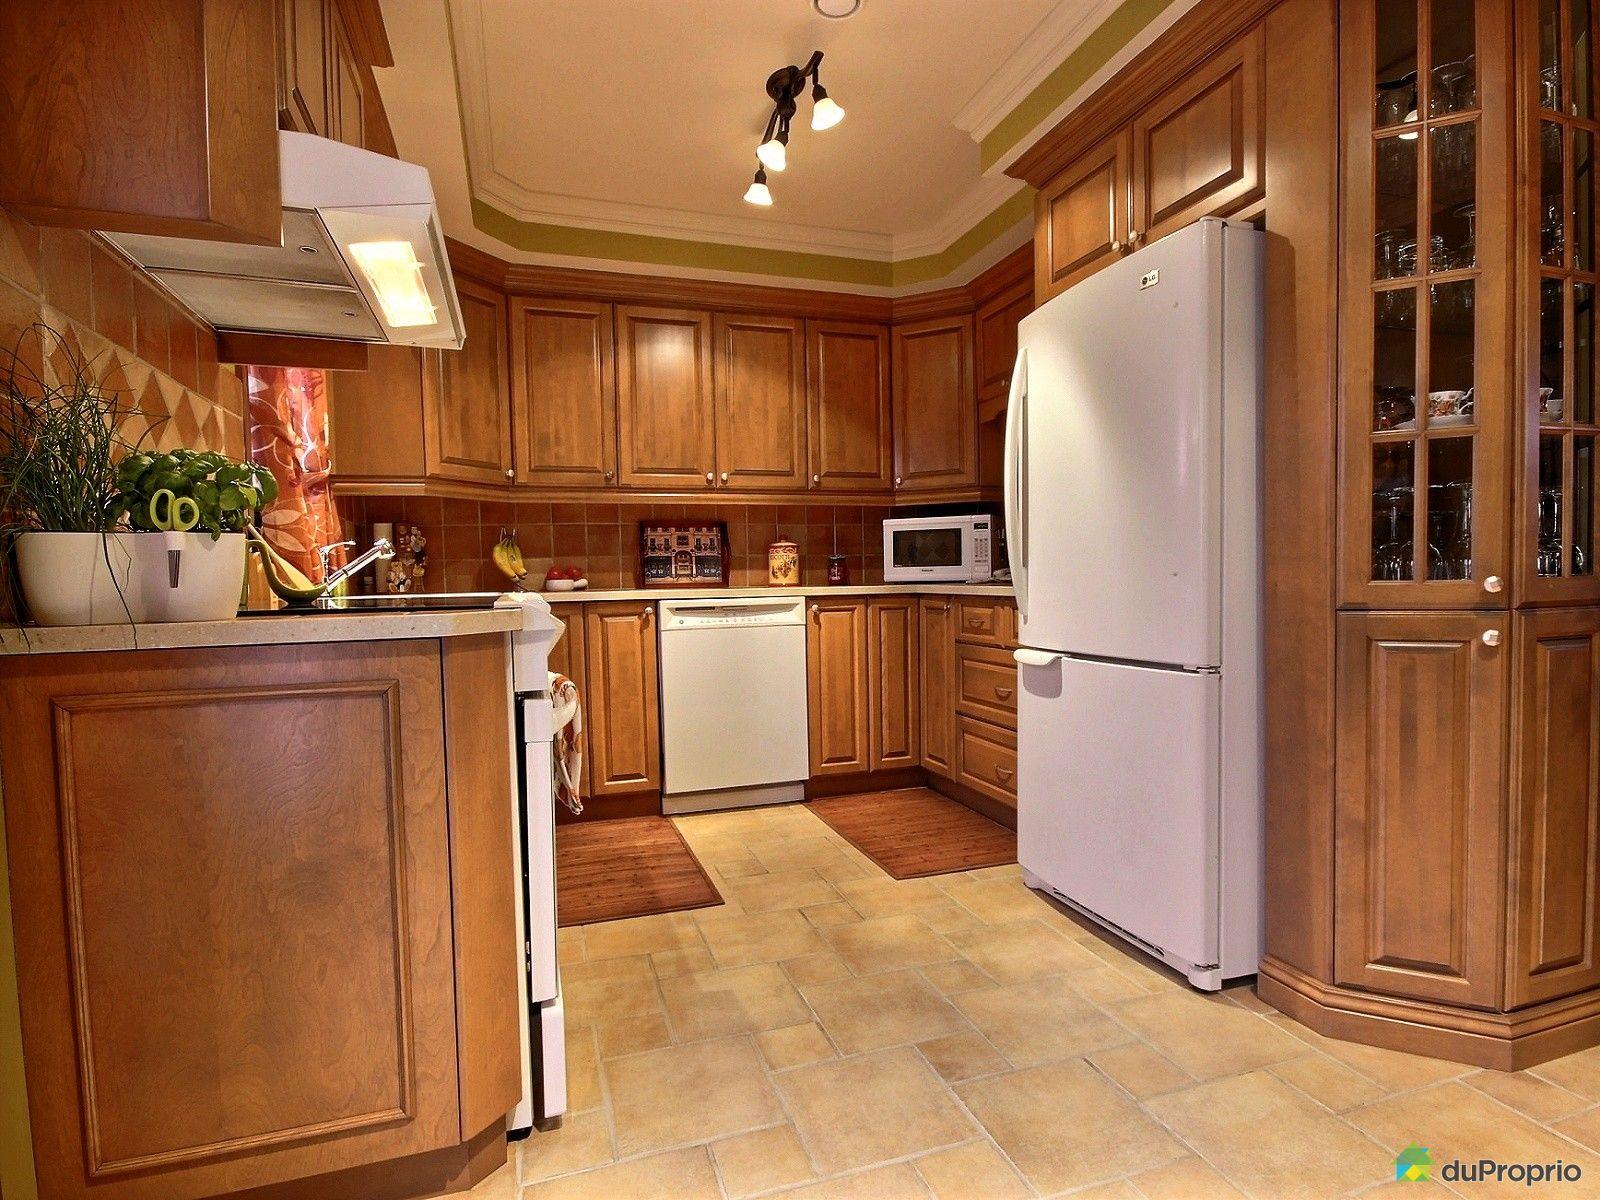 Maison vendre drummondville 2335 rue des perdrix for Armoire de cuisine drummondville